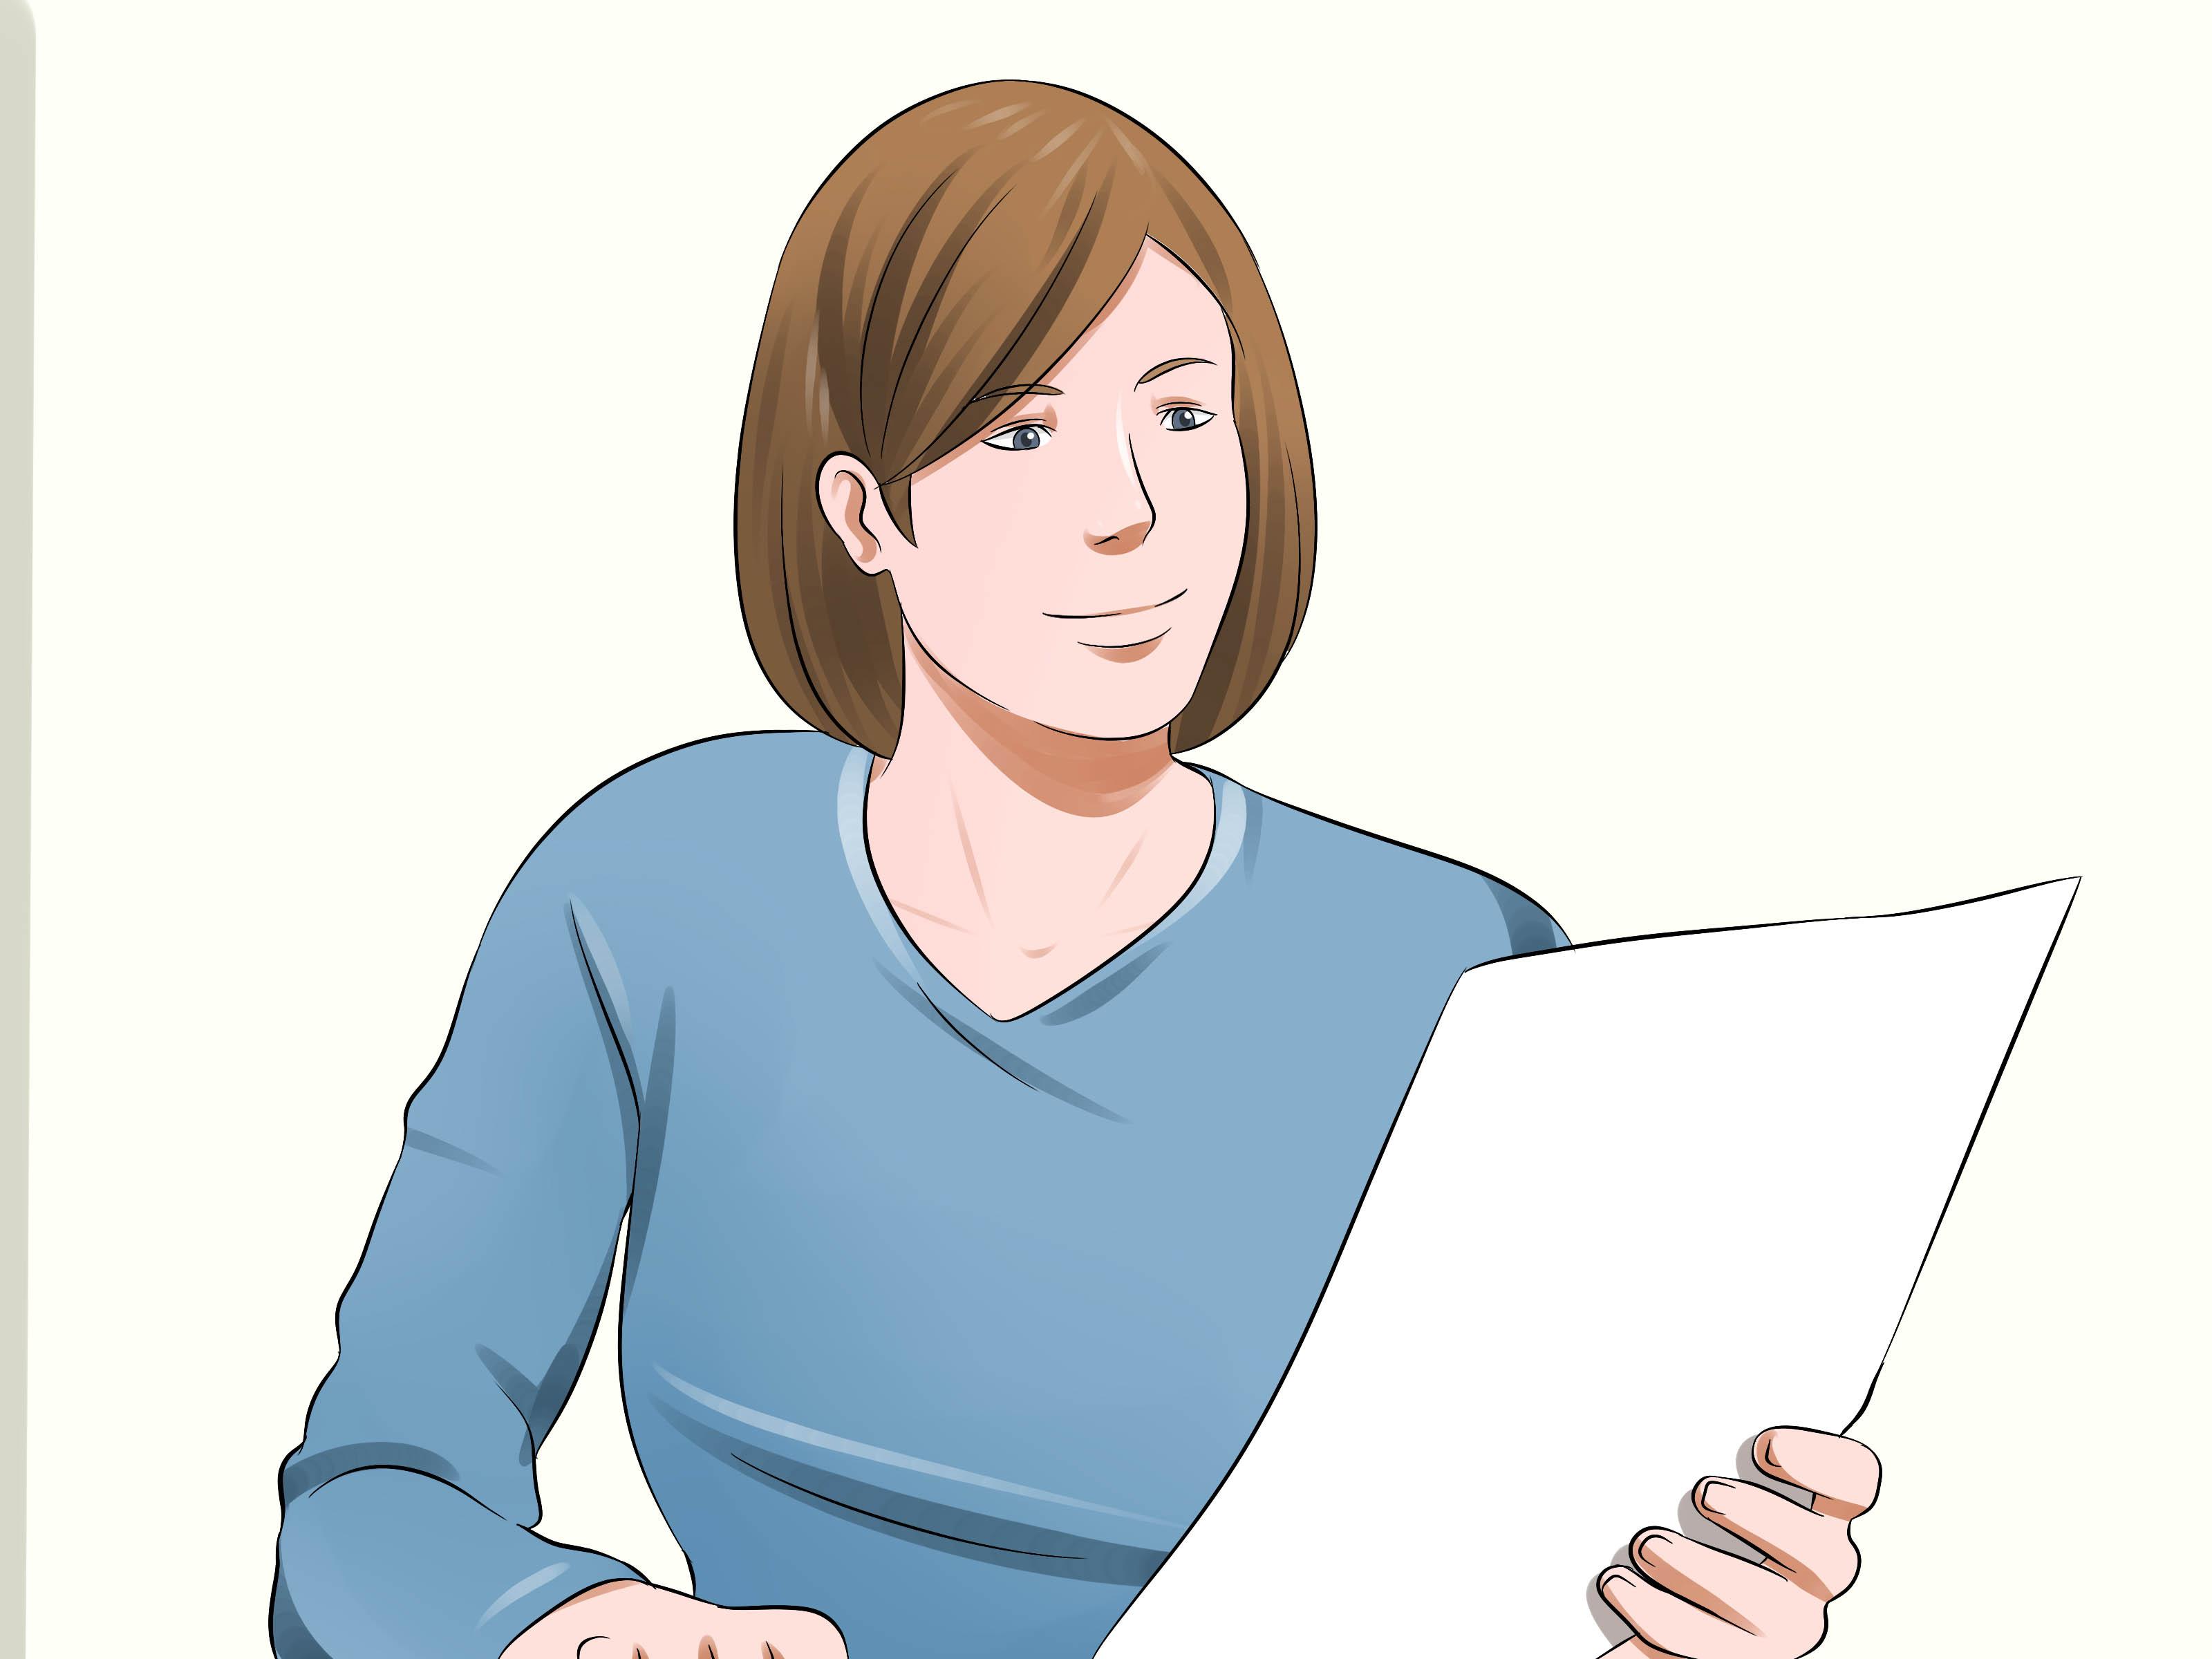 resume format quora professional resume cover letter sample resume format quora resume format quora best way to end a cover letter cover letter latex